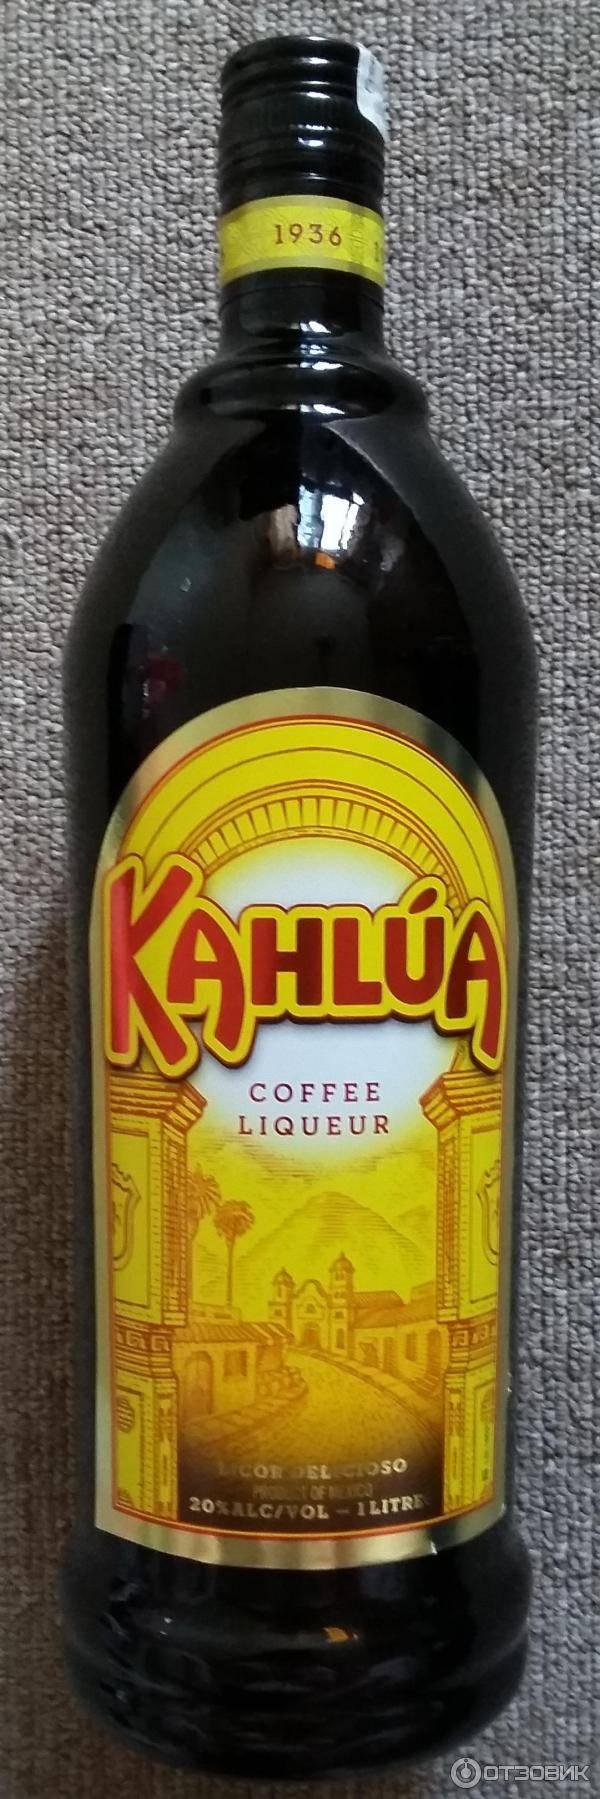 Ликёра kahlua